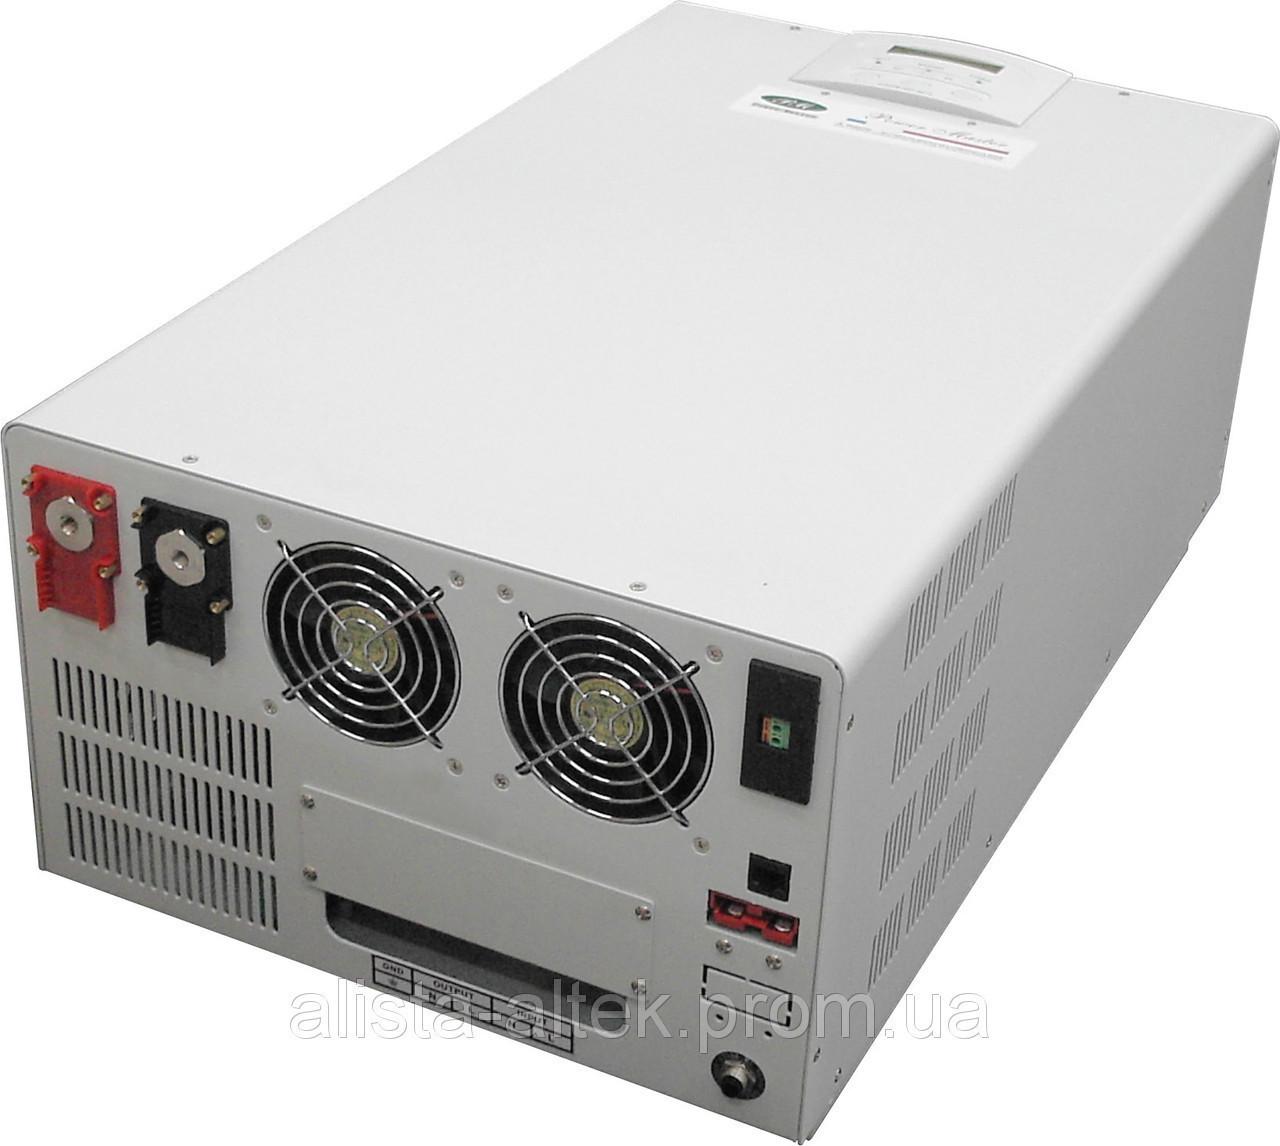 Инвертор для солнечных систем Power Master PM-6000LC